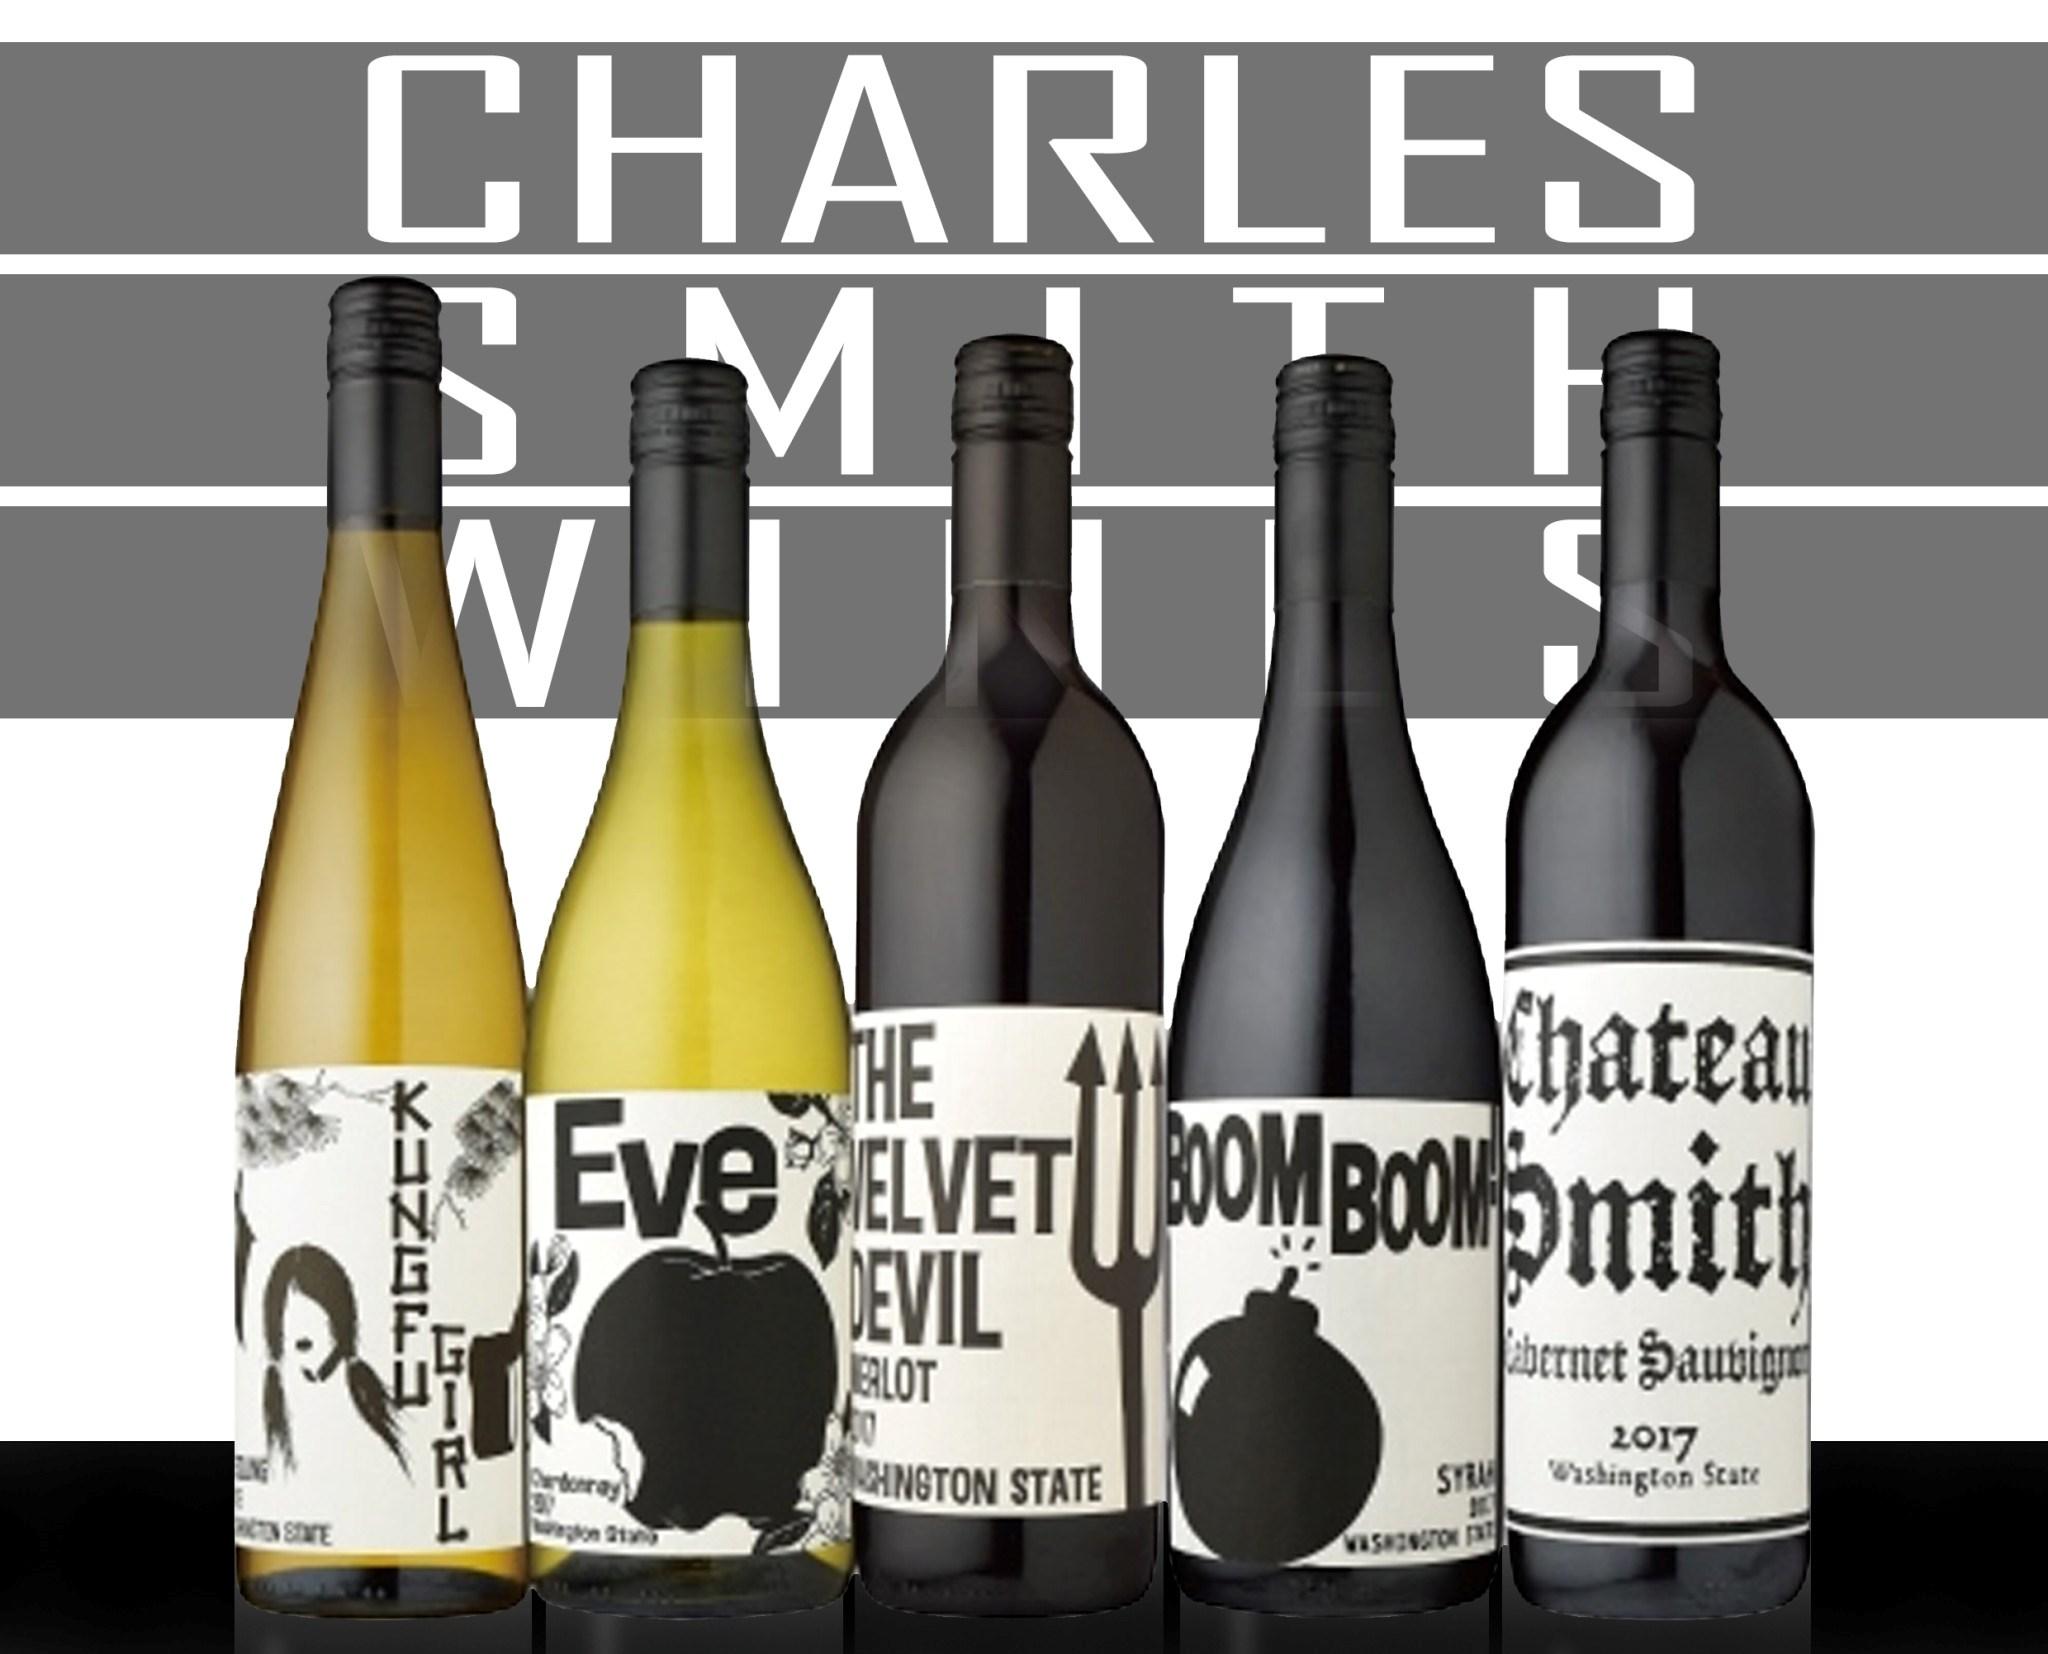 送料無料 B 気質アップ チャールズ スミス ワインズ飲み比べワイン 5本セット※スクリューキャップです 手数料無料